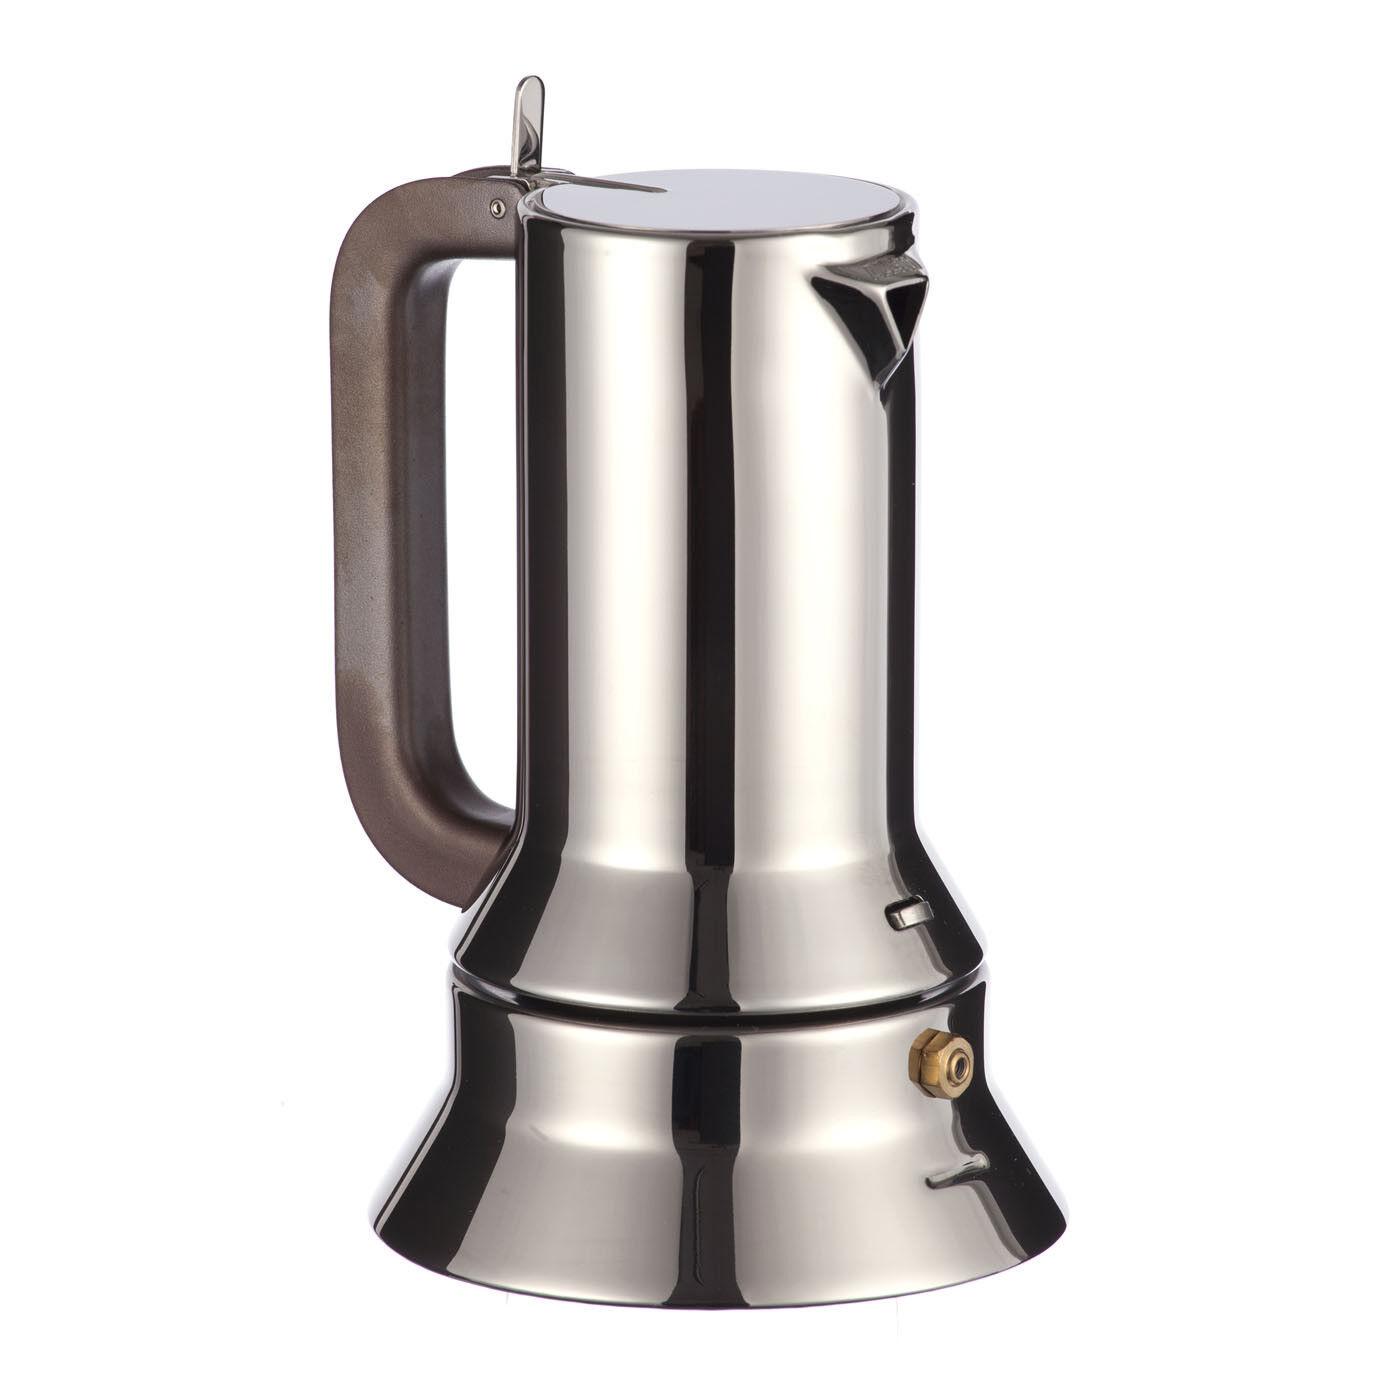 NUOVO Caffettiera Espresso 9090 Alessi Originale Moka Pot Regalo Natale Nozze